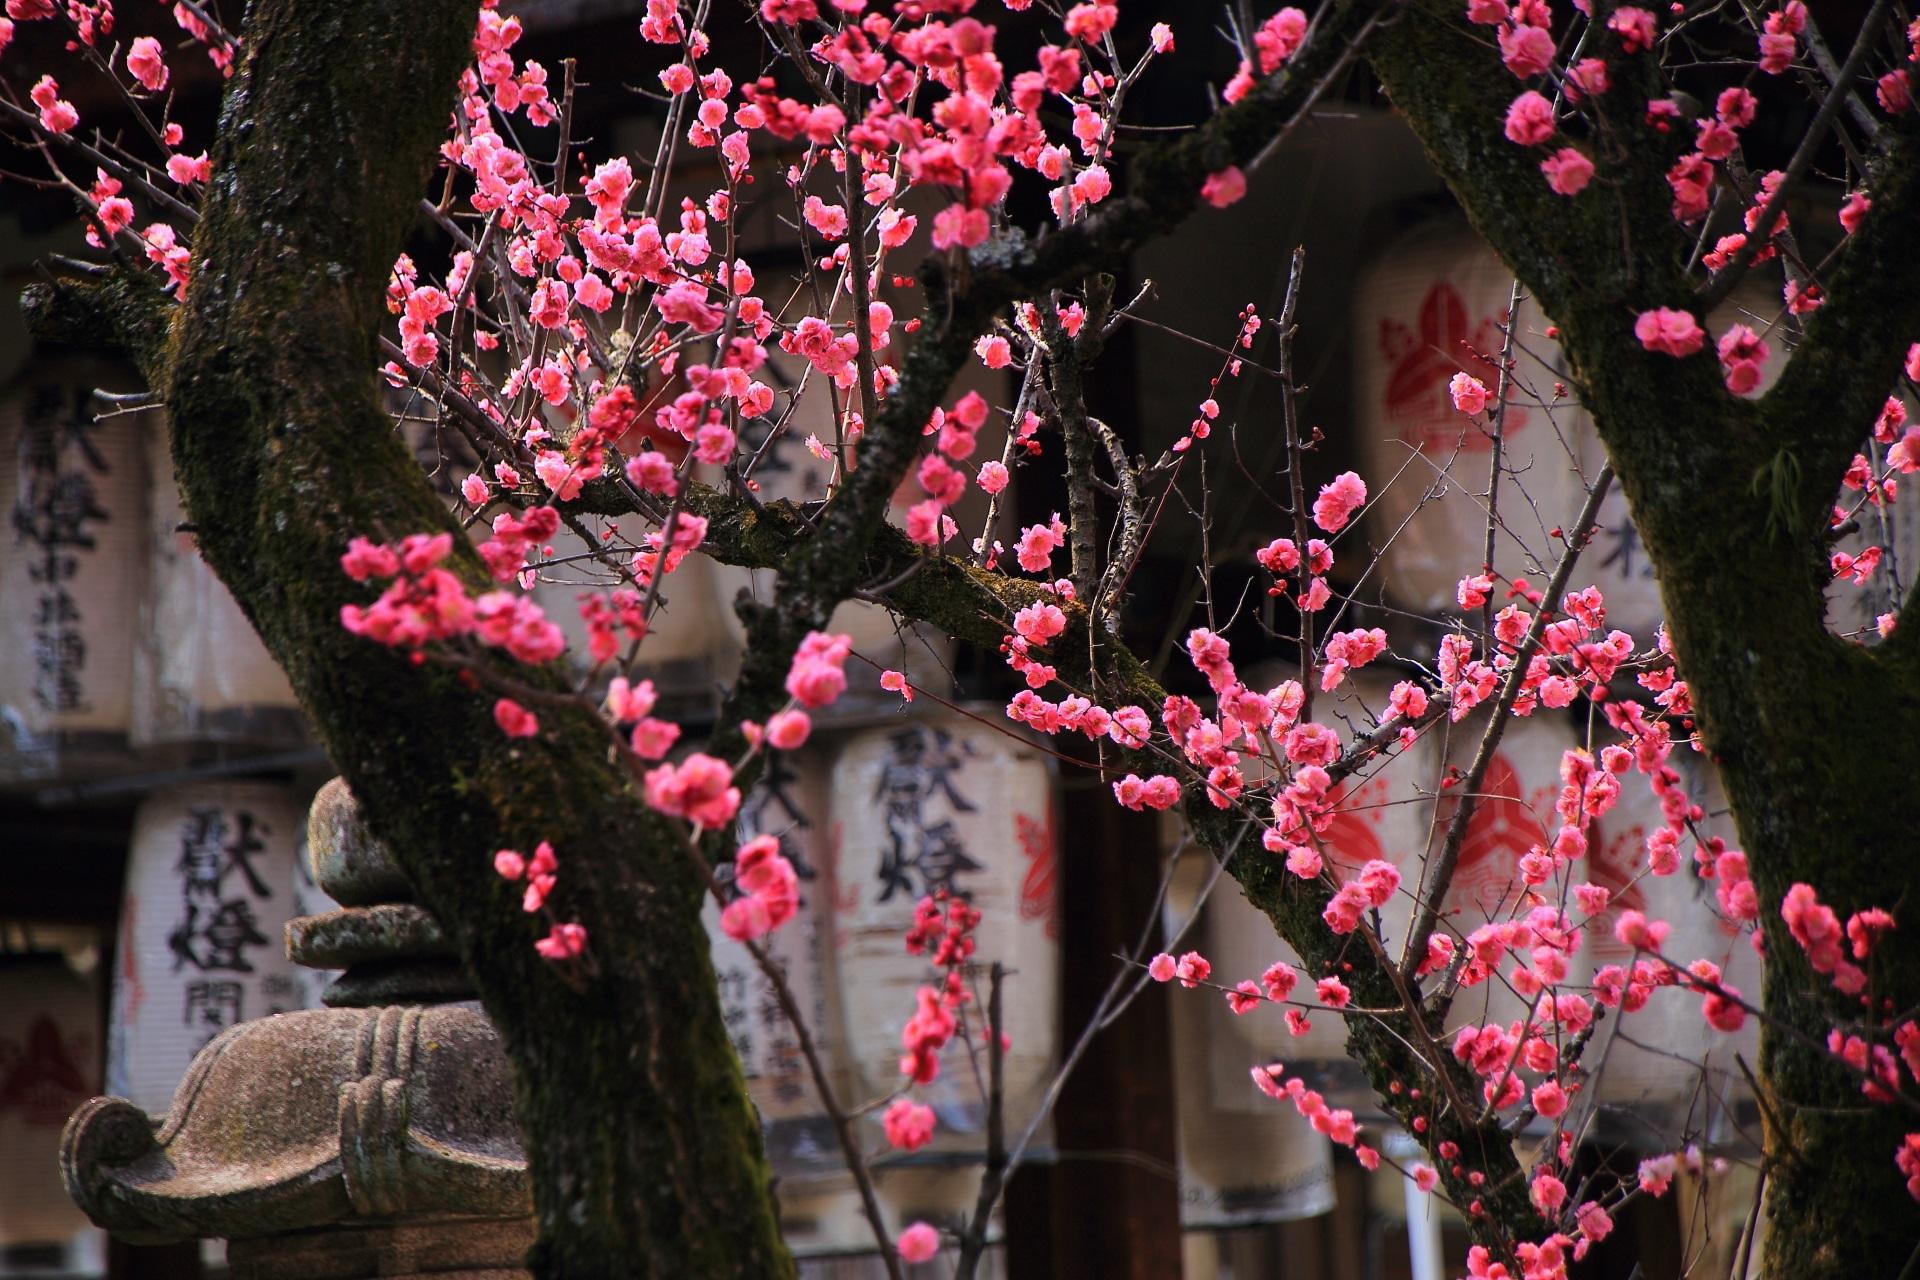 下御霊神社の拝殿を背景にした梅の花